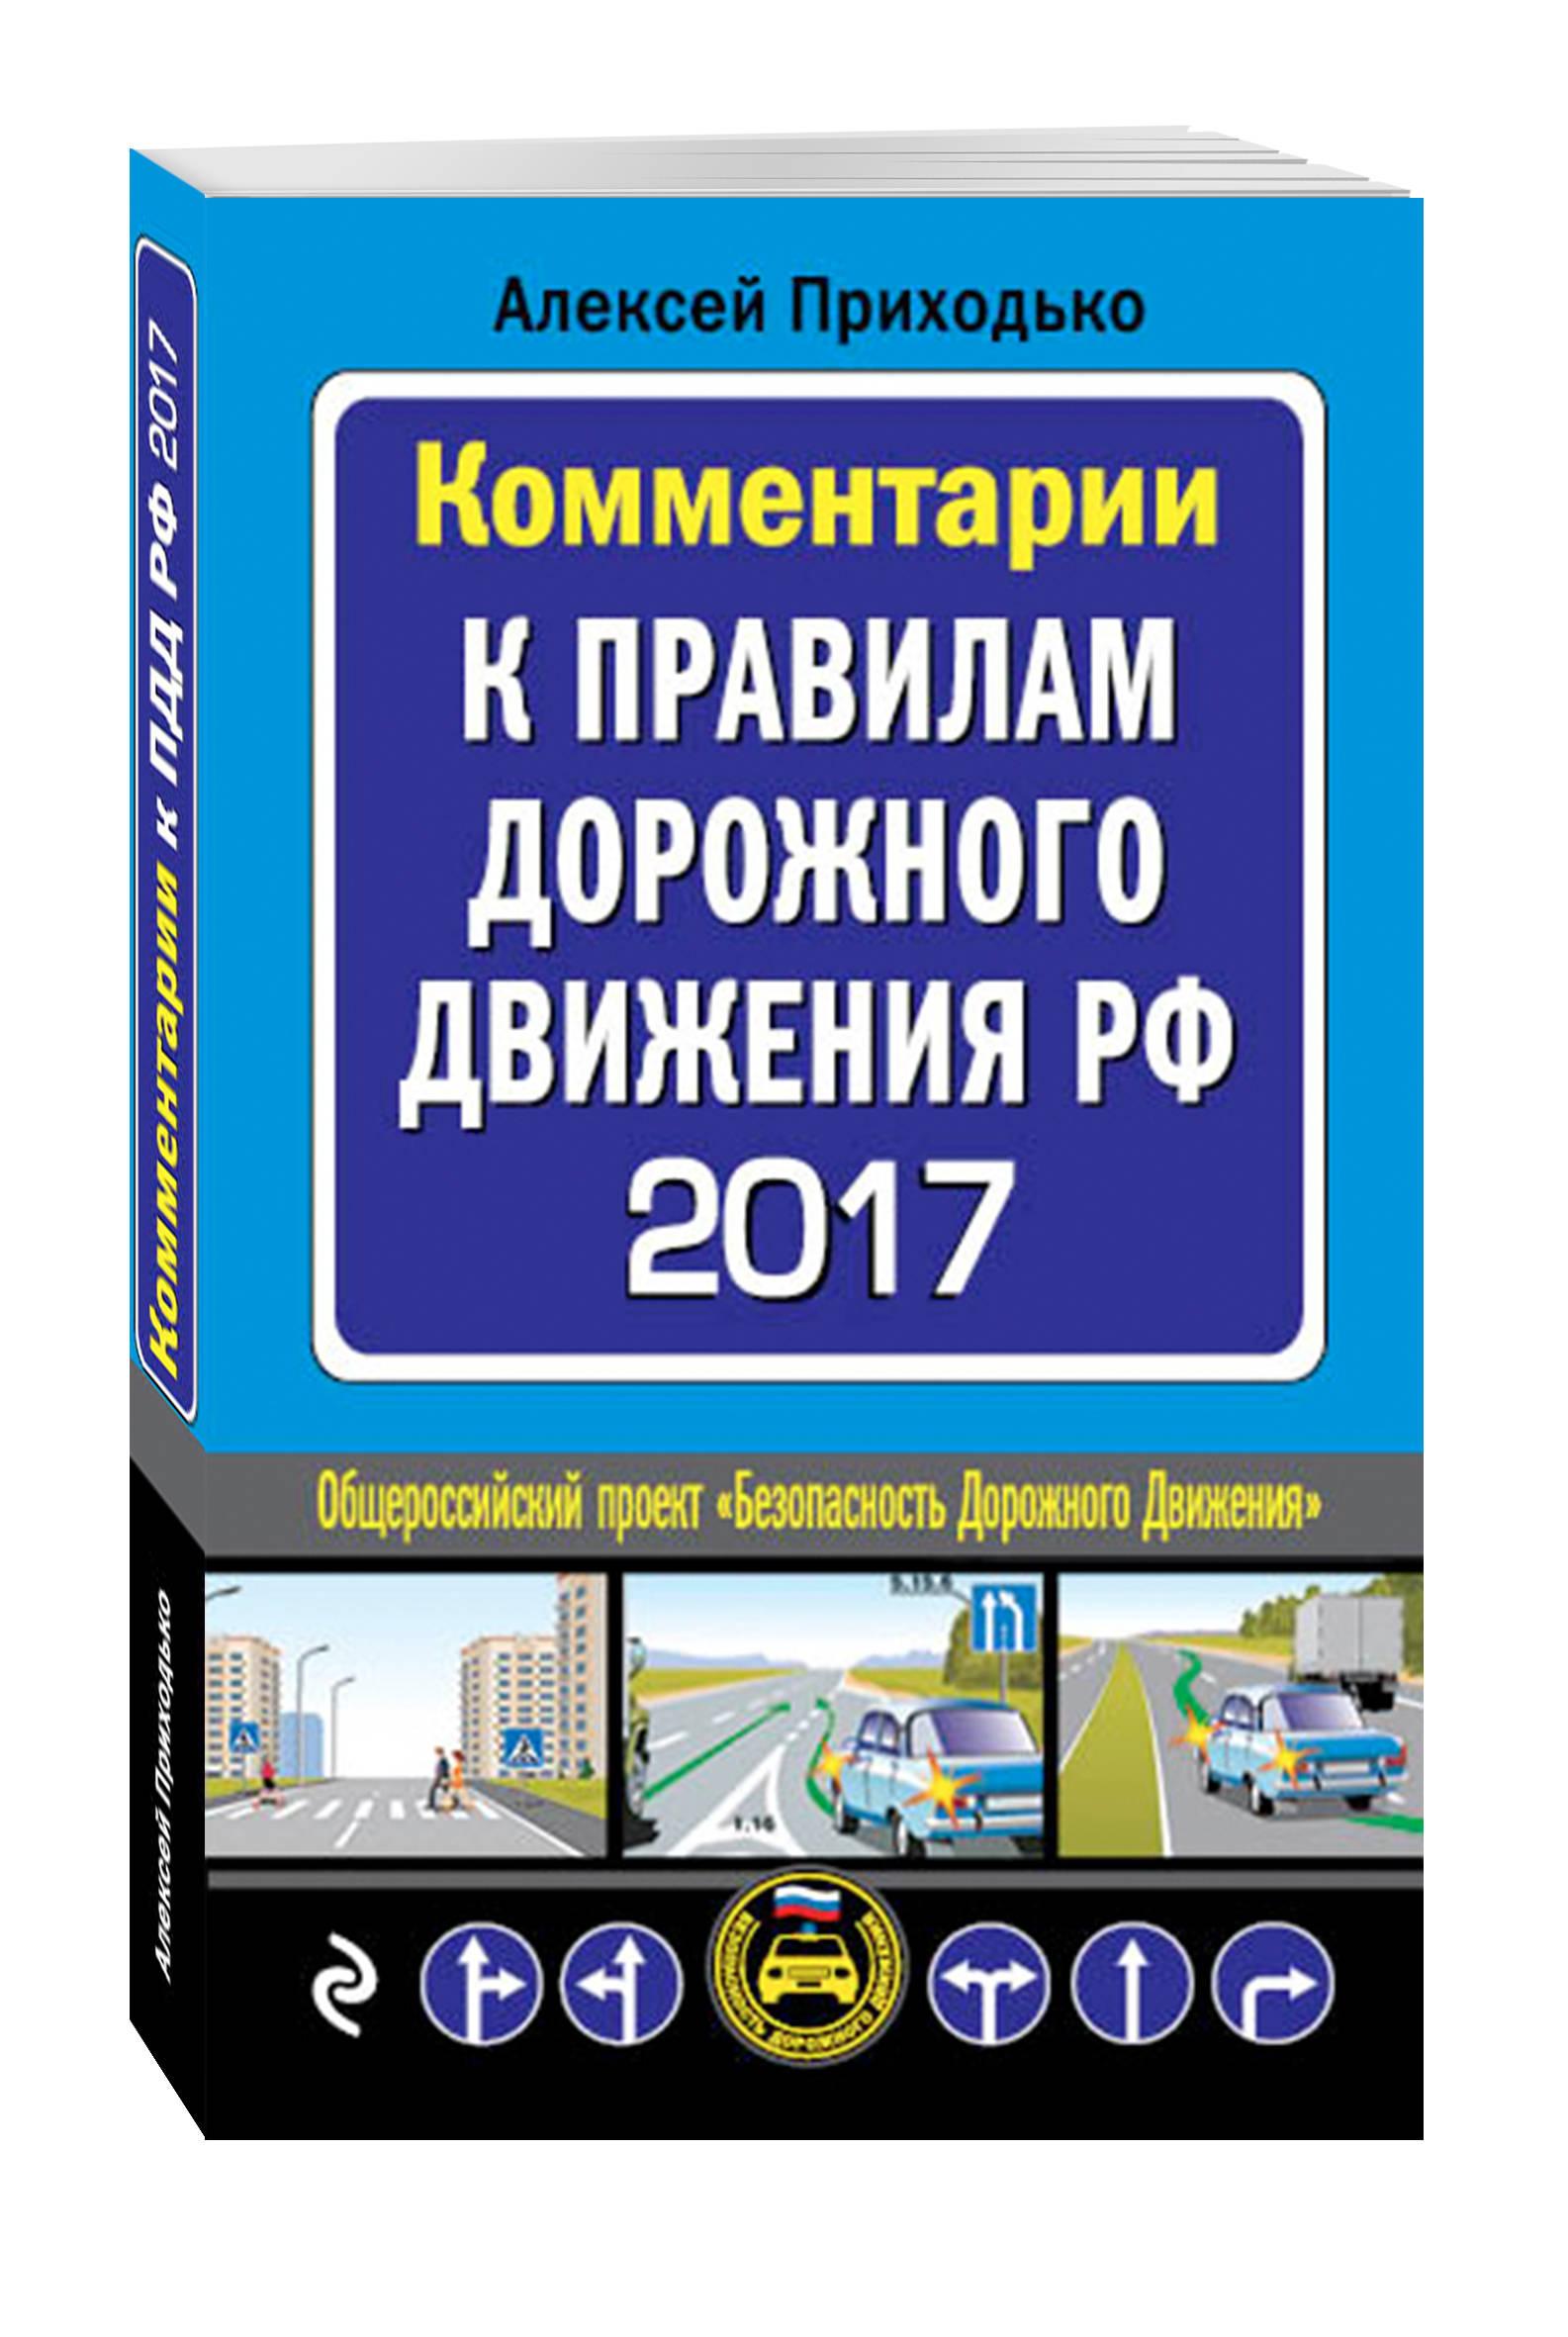 Приходько А.М. Комментарии к Правилам дорожного движения РФ с изменениями на 2017 год алексей приходько комментарии к правилам дорожного движения рф на 2015 год